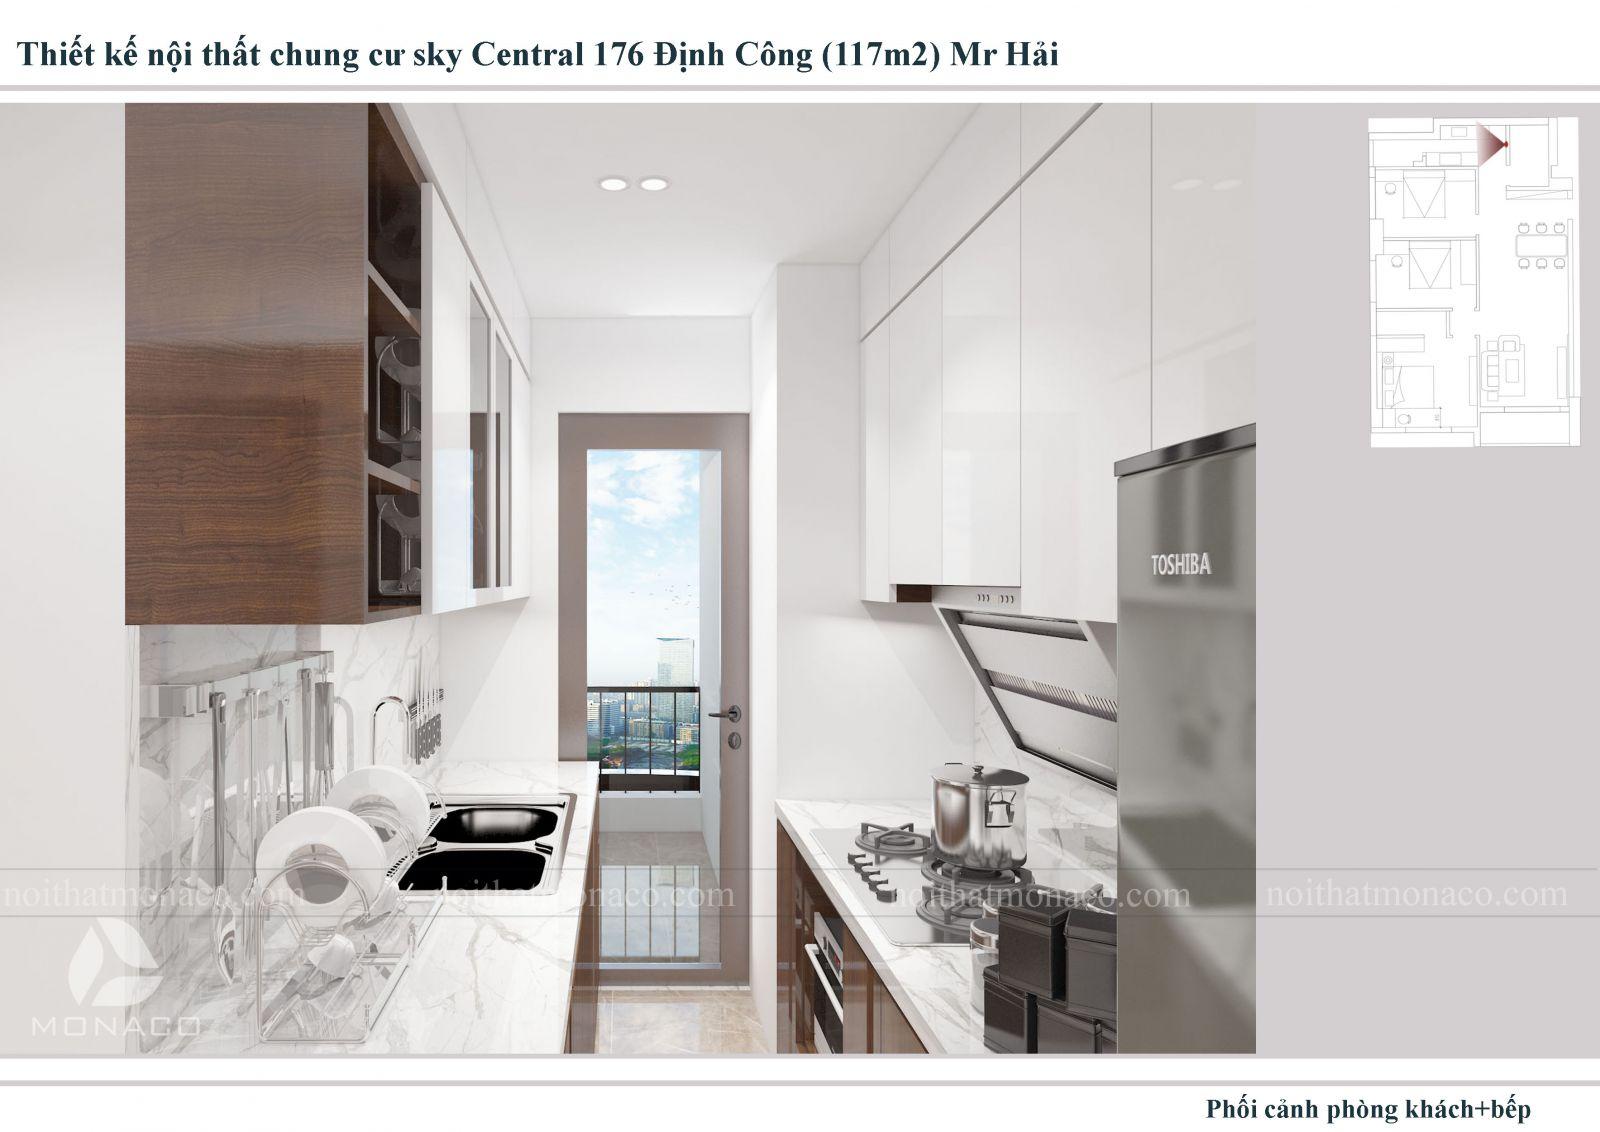 Thiết kế nội thất phòng bếp chung cu sky central